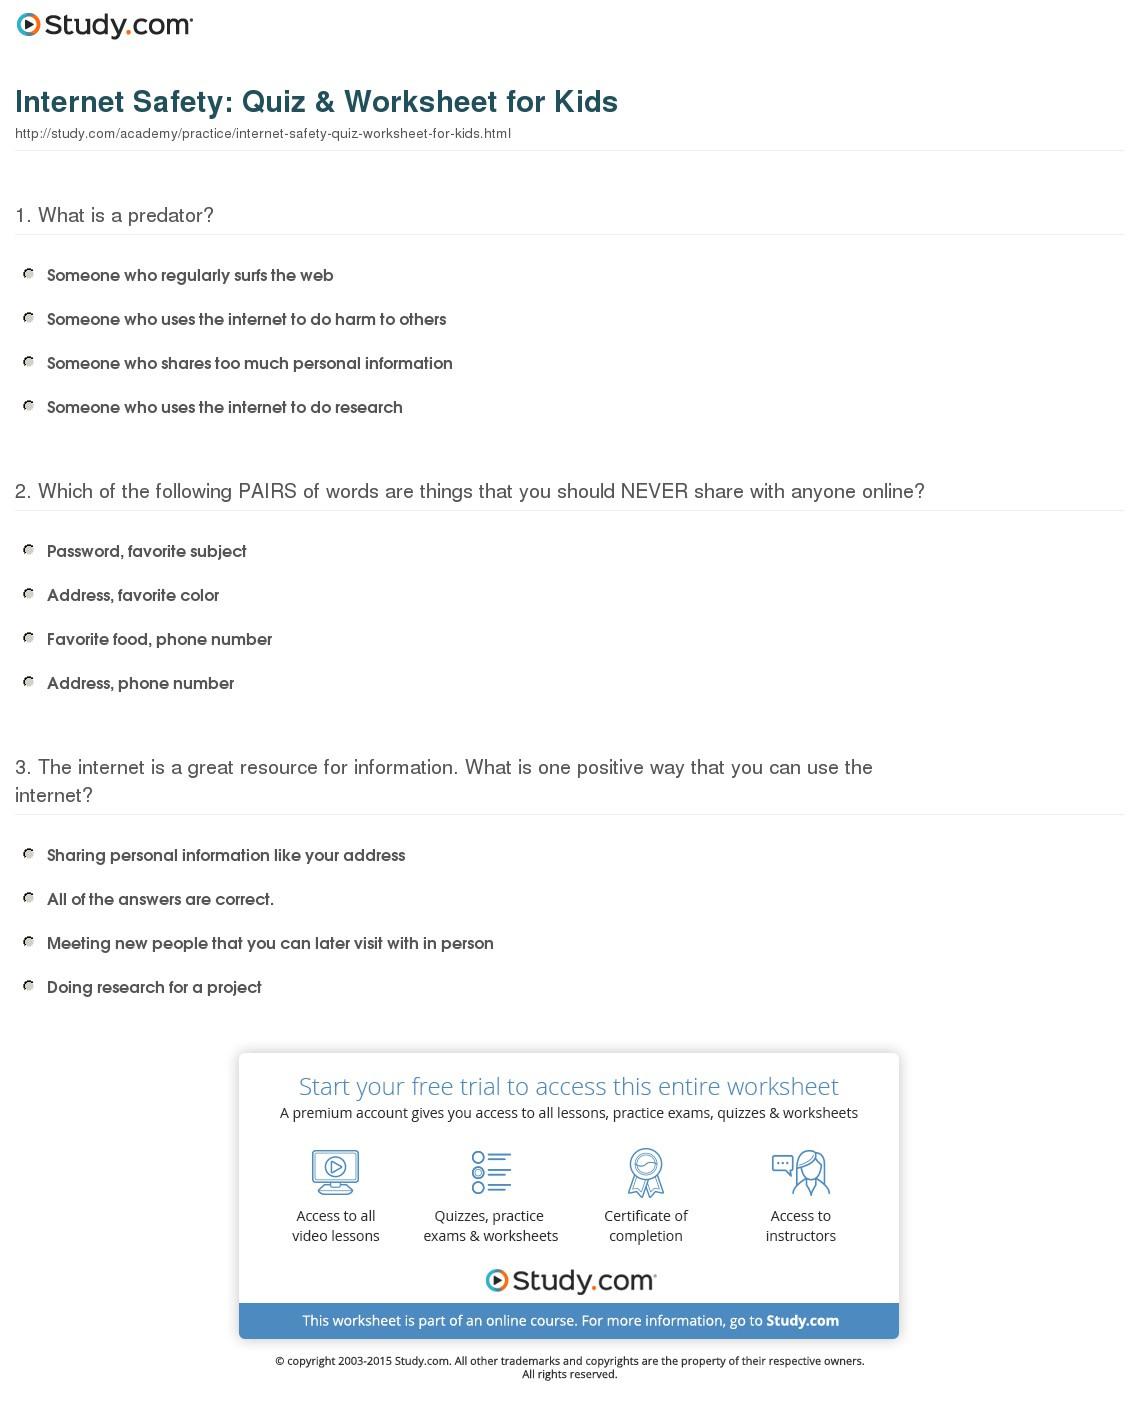 Internet Safety Worksheets For Kids